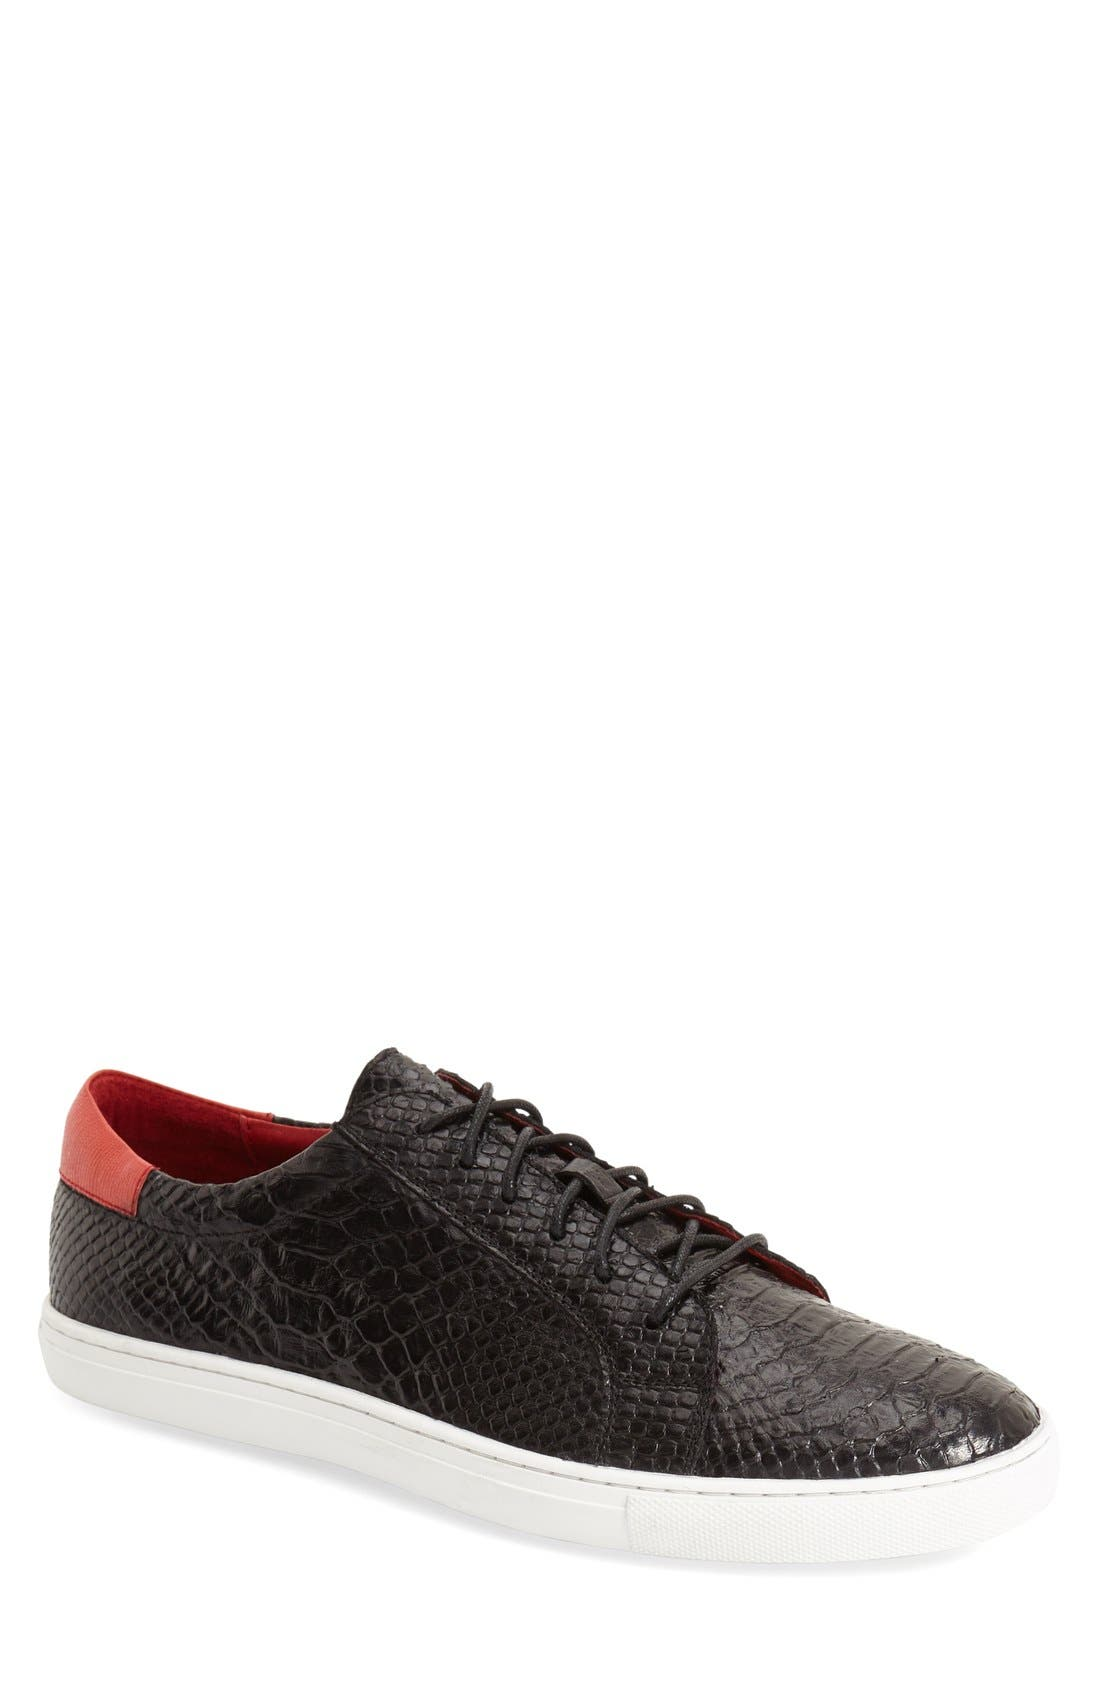 Main Image - Zanzara 'Riff' Sneaker (Men)